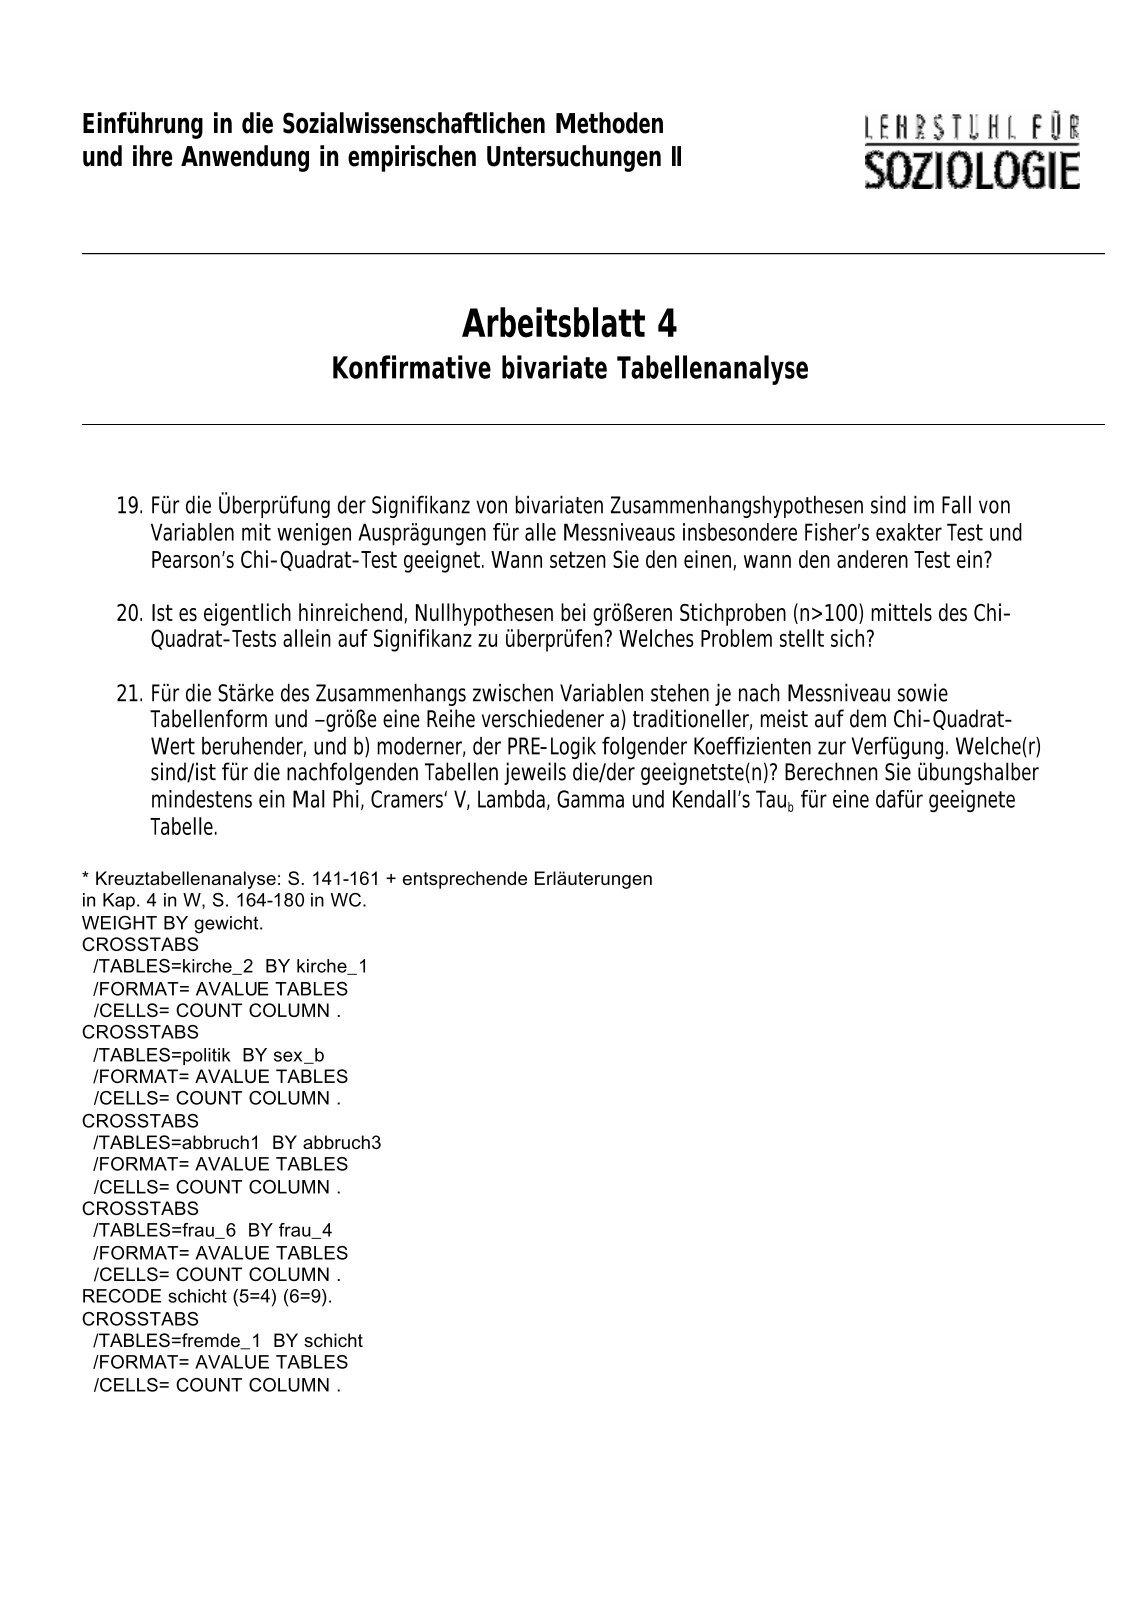 Fantastisch Dihybrid Punnett Quadrat Arbeitsblatt Galerie - Super ...